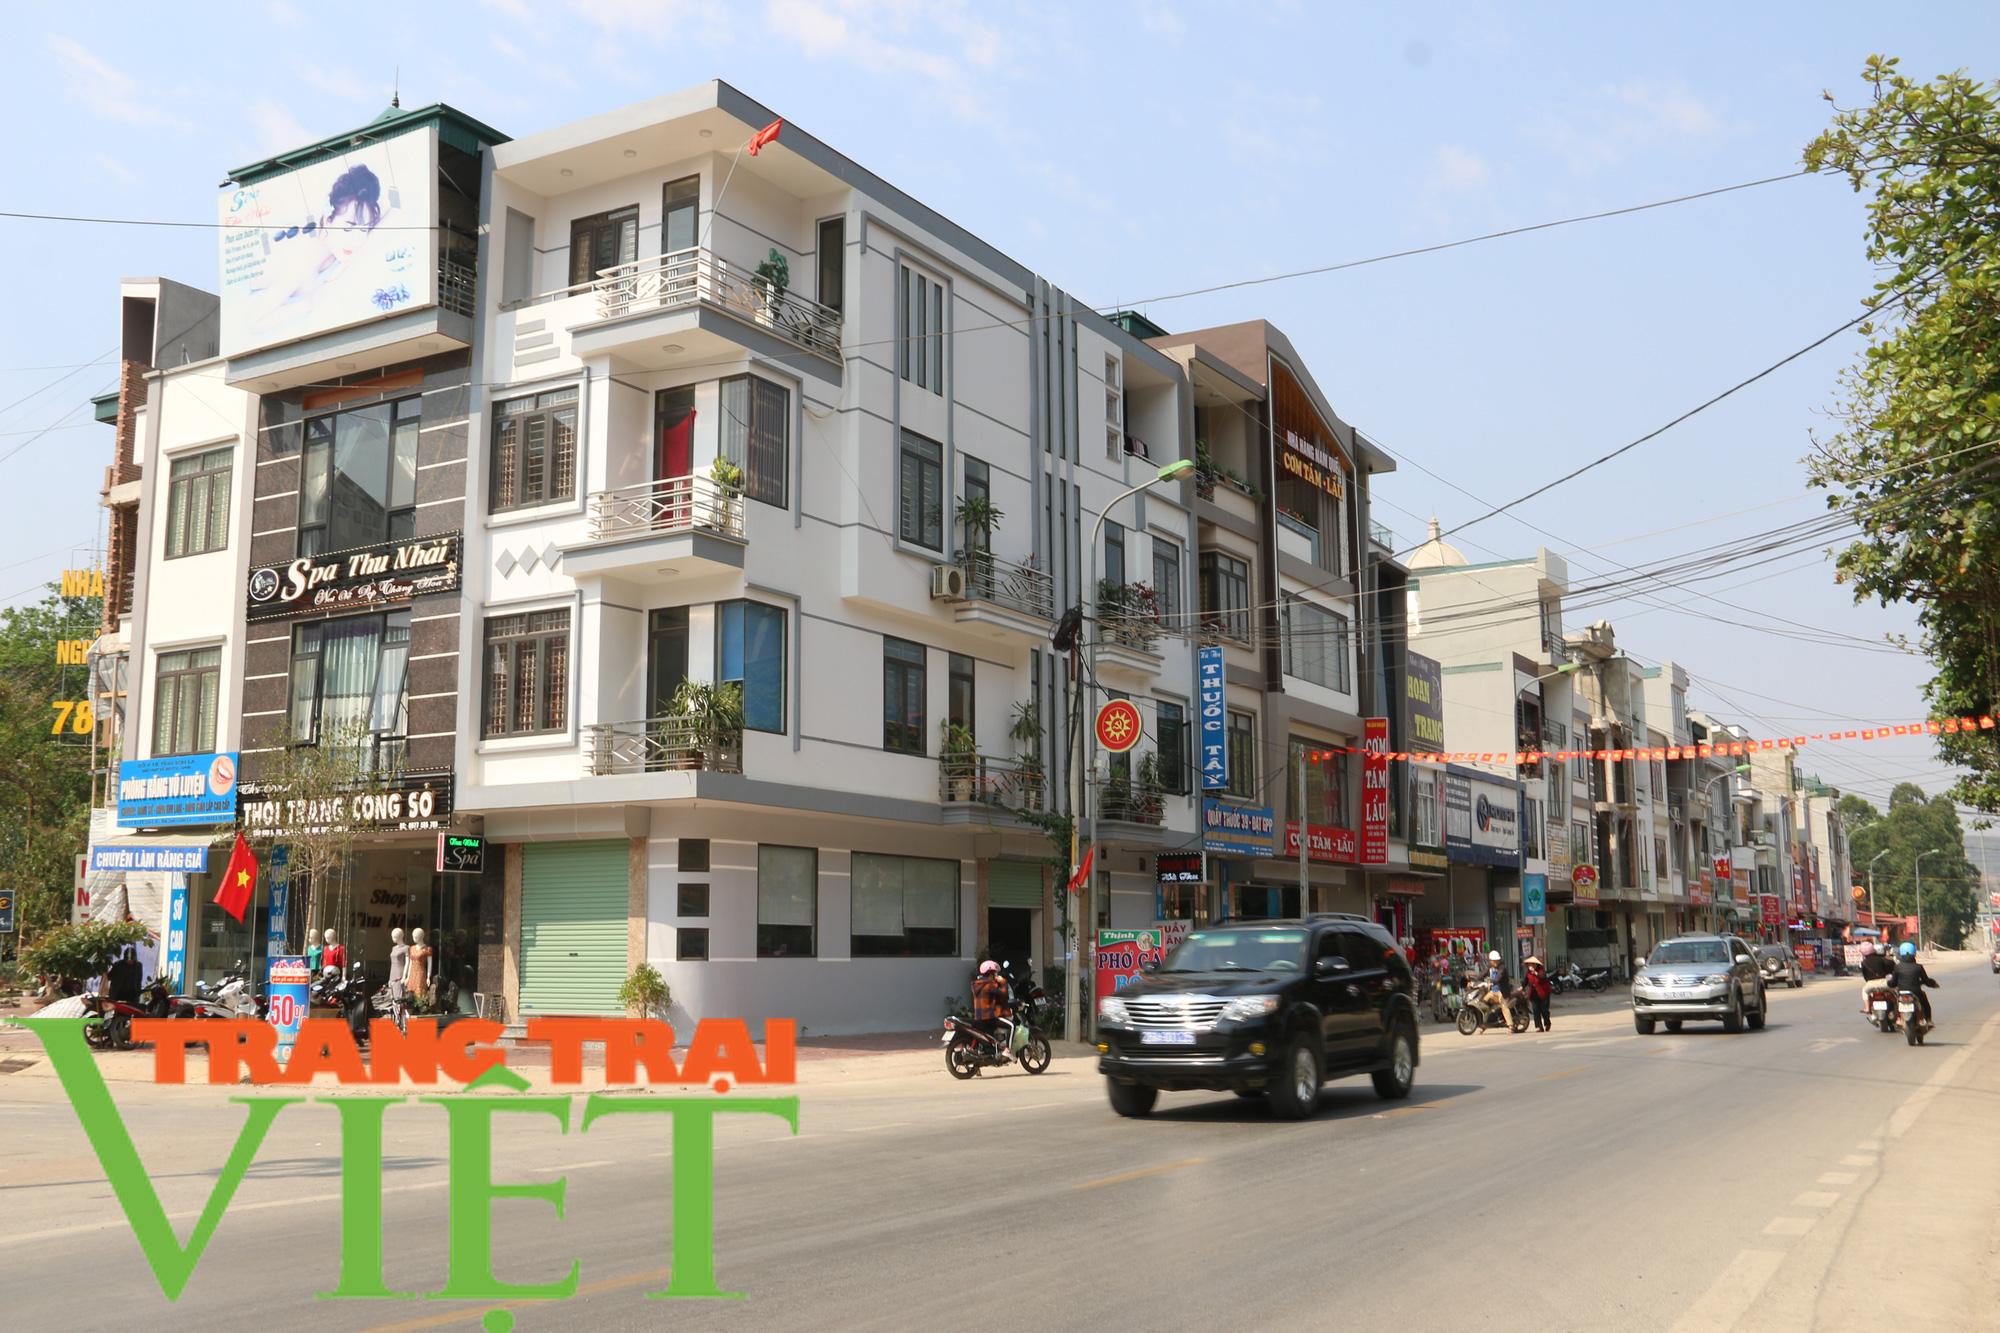 Ảnh: Mai Sơn đổi thay nhờ chương trình nông thôn mới - Ảnh 2.